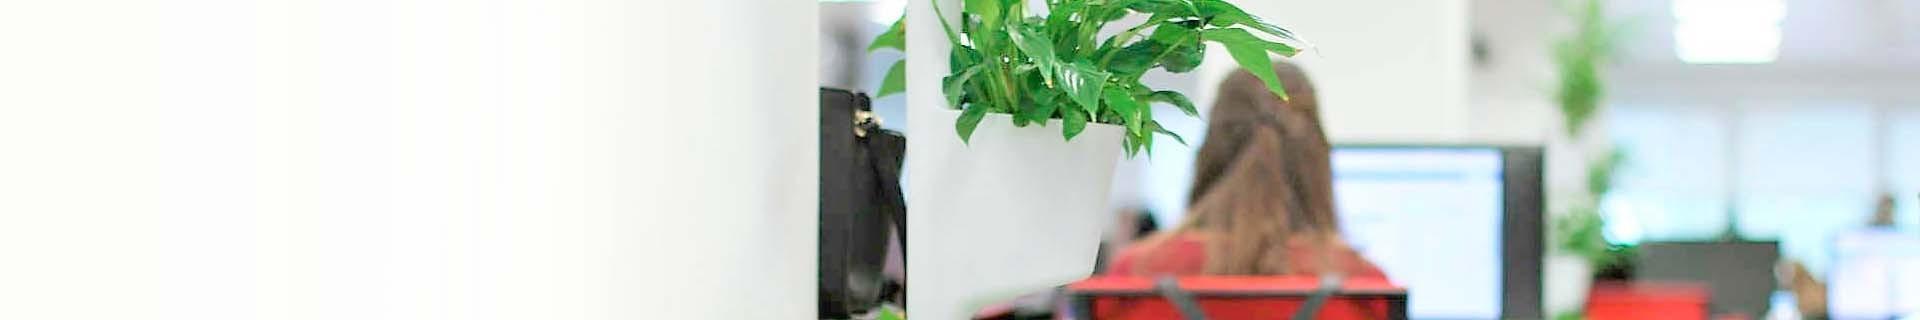 Büropflanzen online |Lieferung von Zimmerpflanzen l CitySens